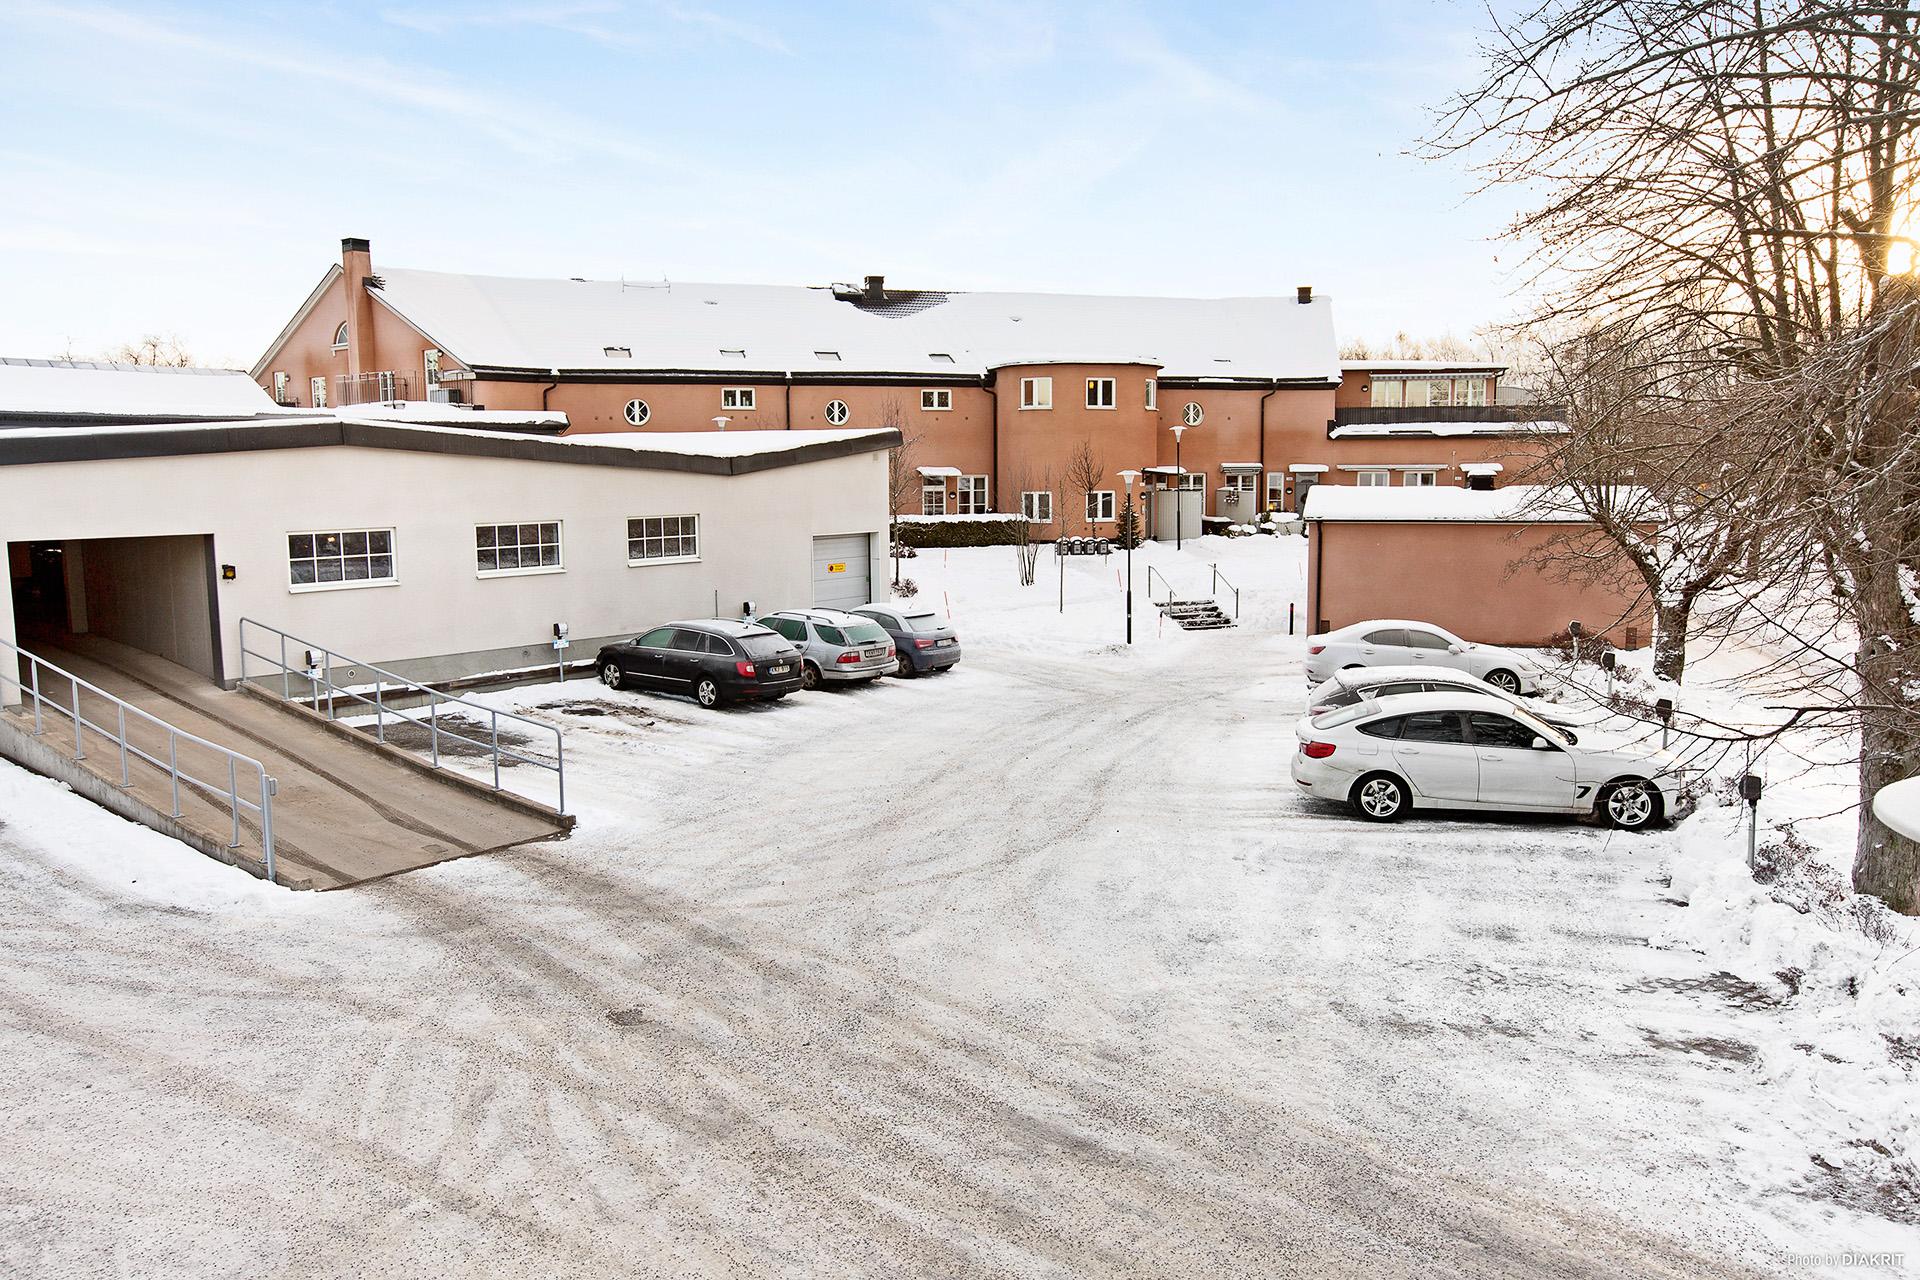 Bostadshus, garage och parkeringsplatser